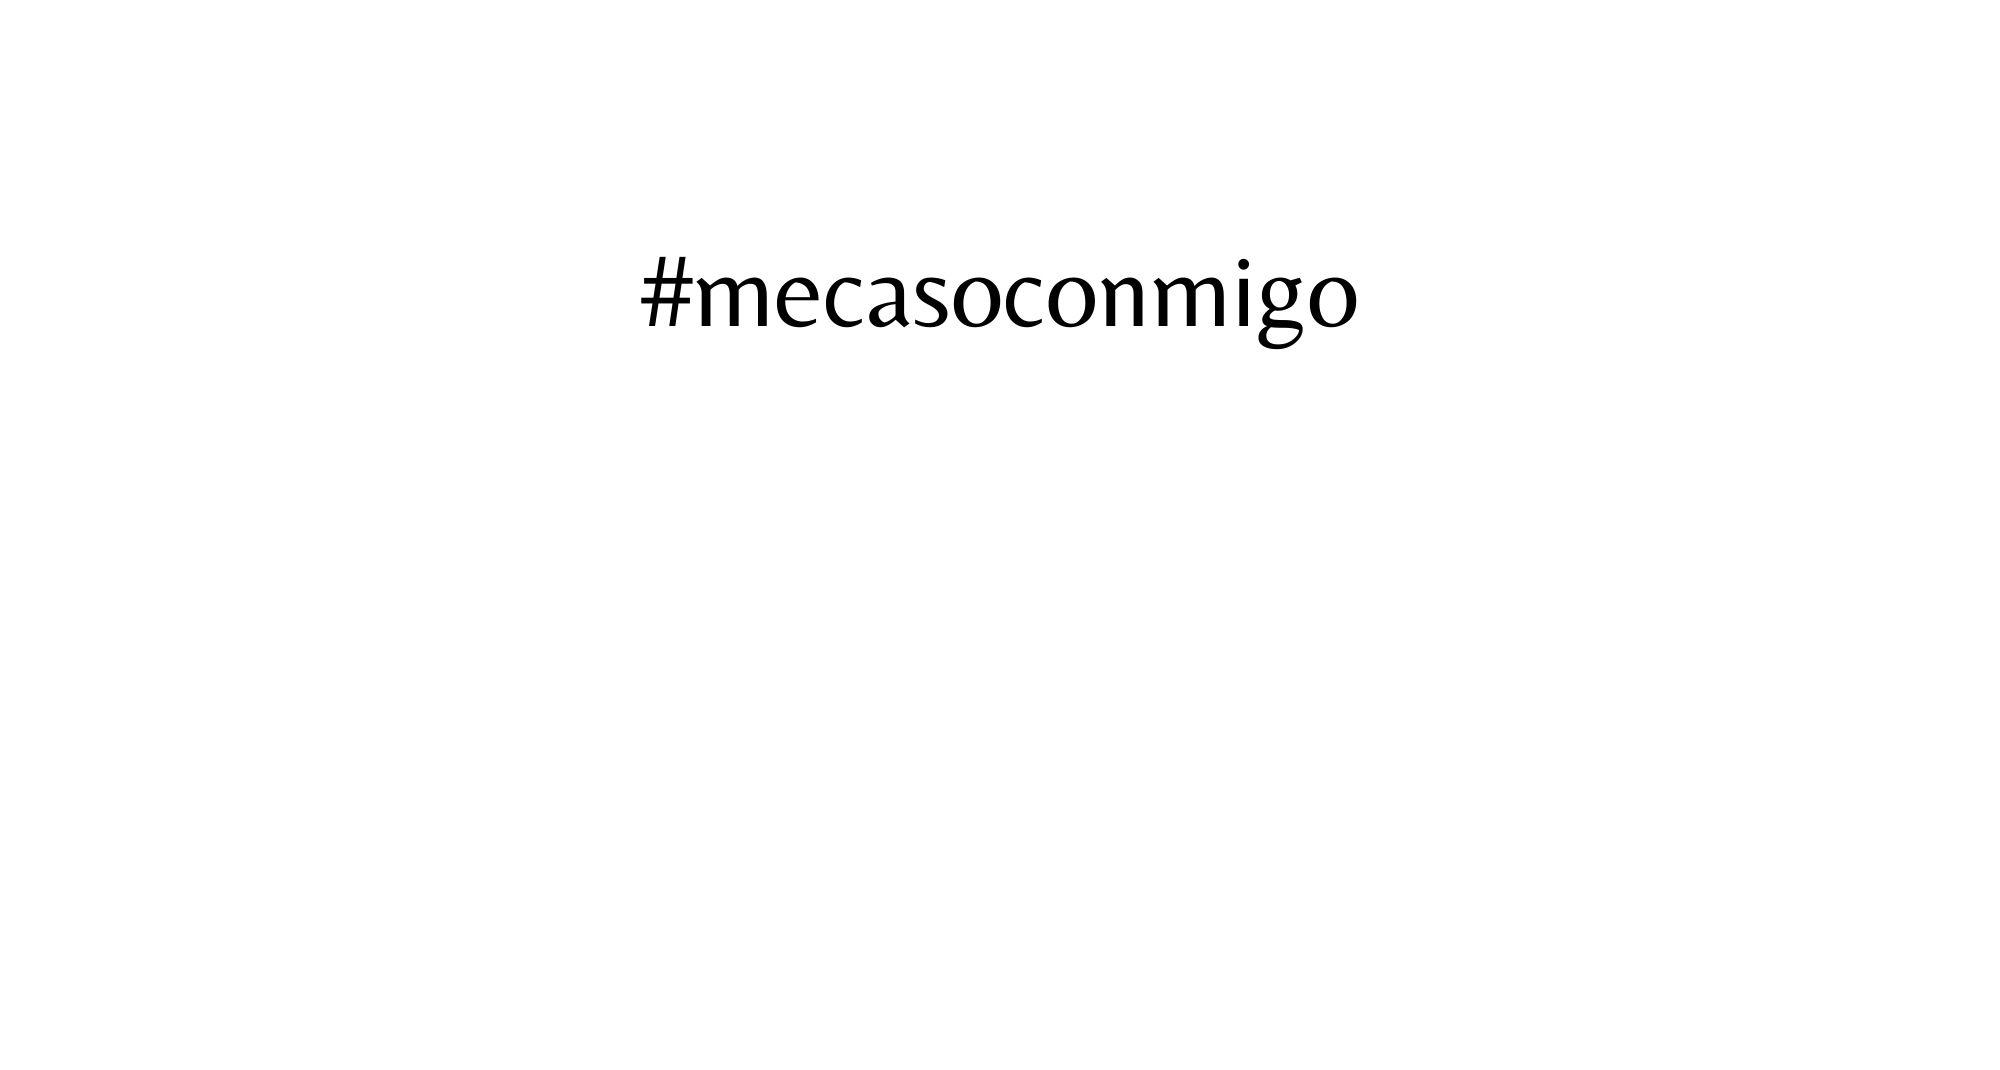 #mecasoconmigo